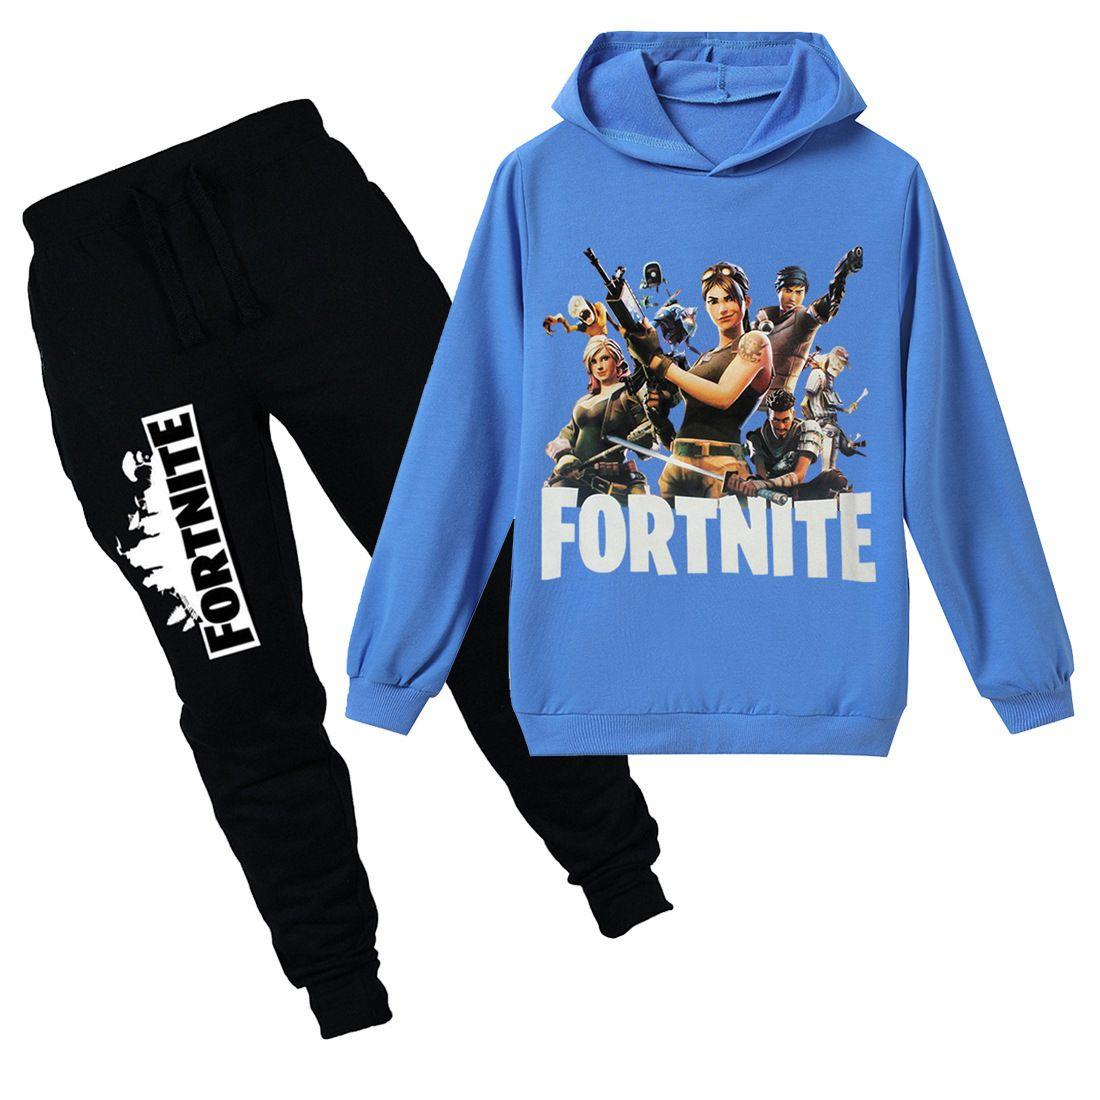 Teenmiro juego Battle Royale ropa fijada Los niños con capucha para niños Pantalones Spring Girl Sport Wear Ropa Niños Fortnite chándal Causal